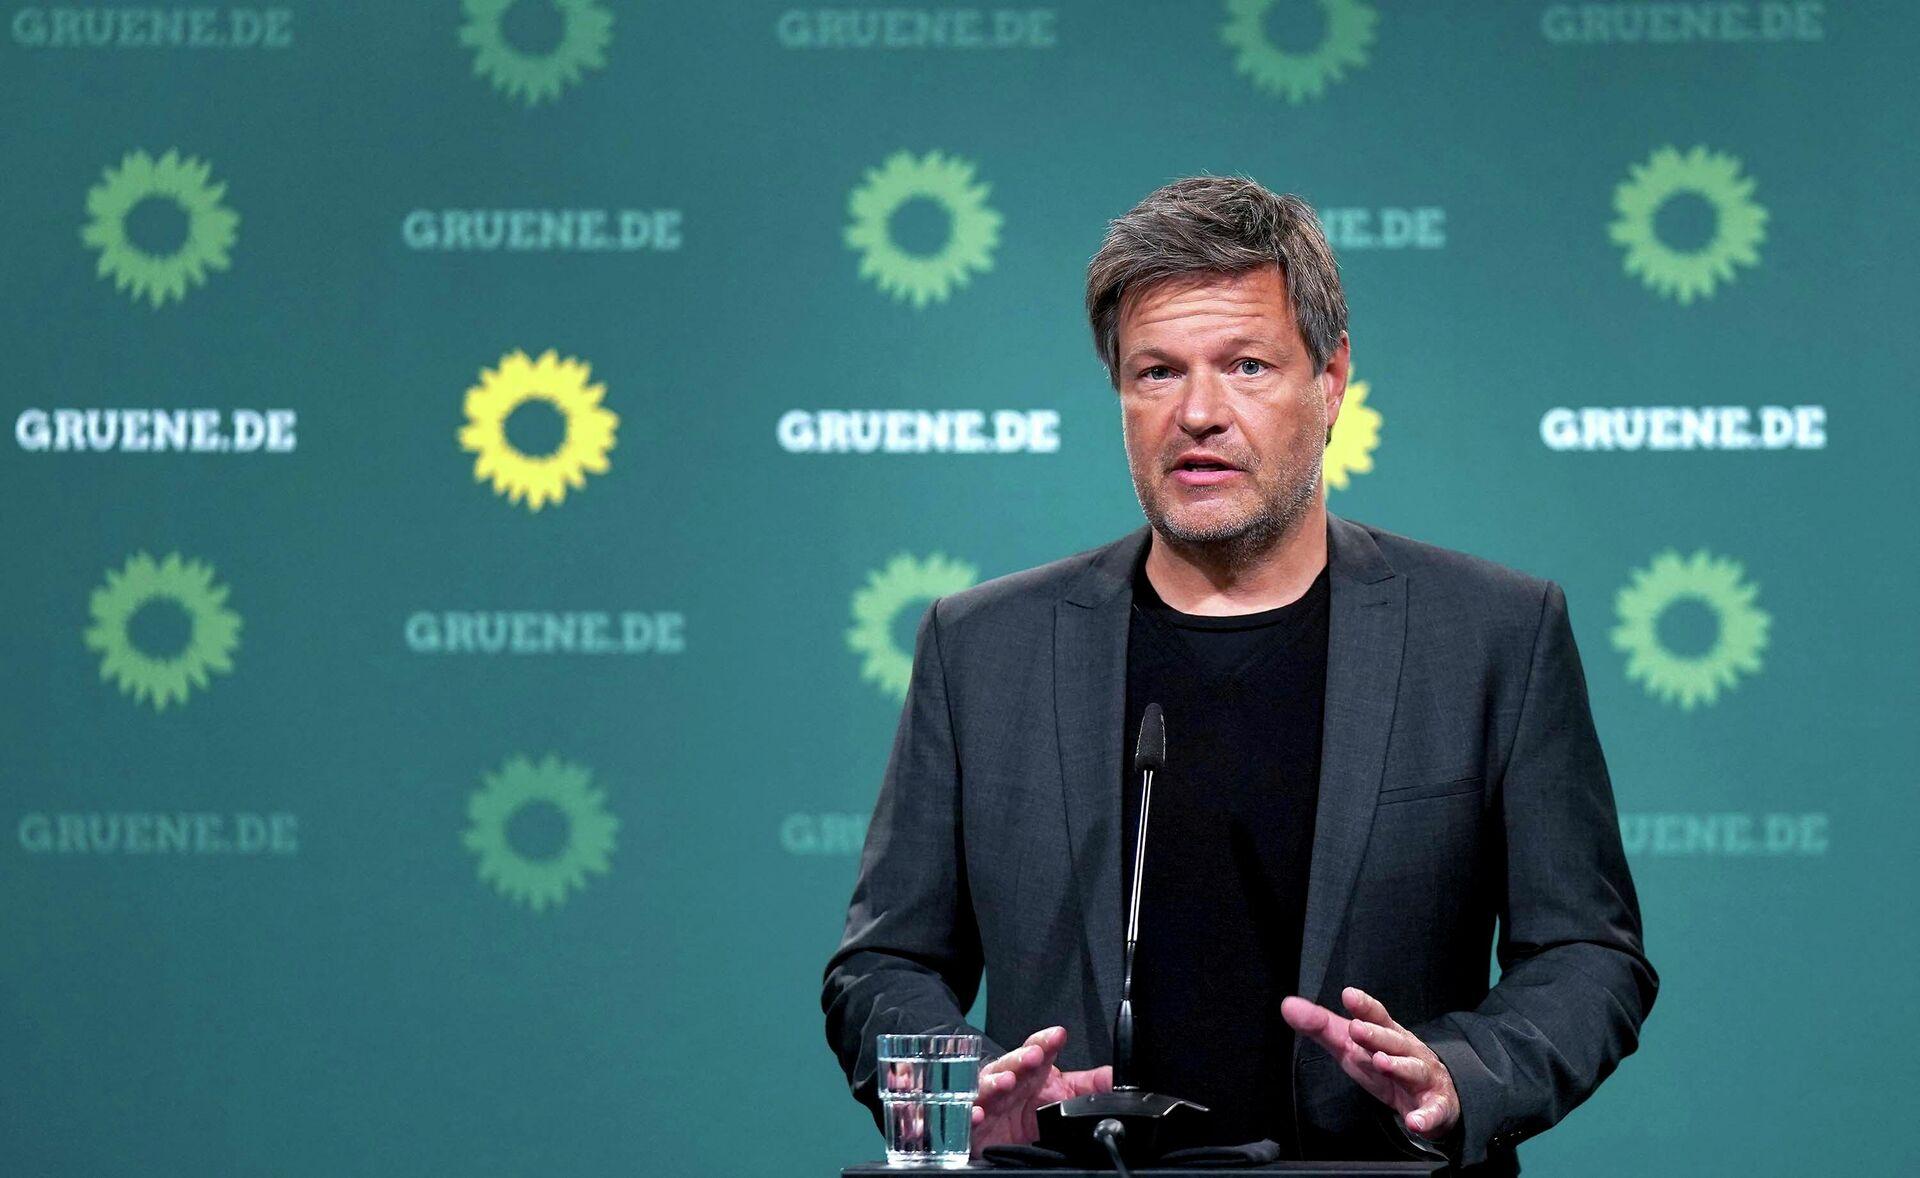 Роберт Хабек, сопредседатель Партии зеленых Германии, обращается к средствам массовой информации - Sputnik Таджикистан, 1920, 23.09.2021